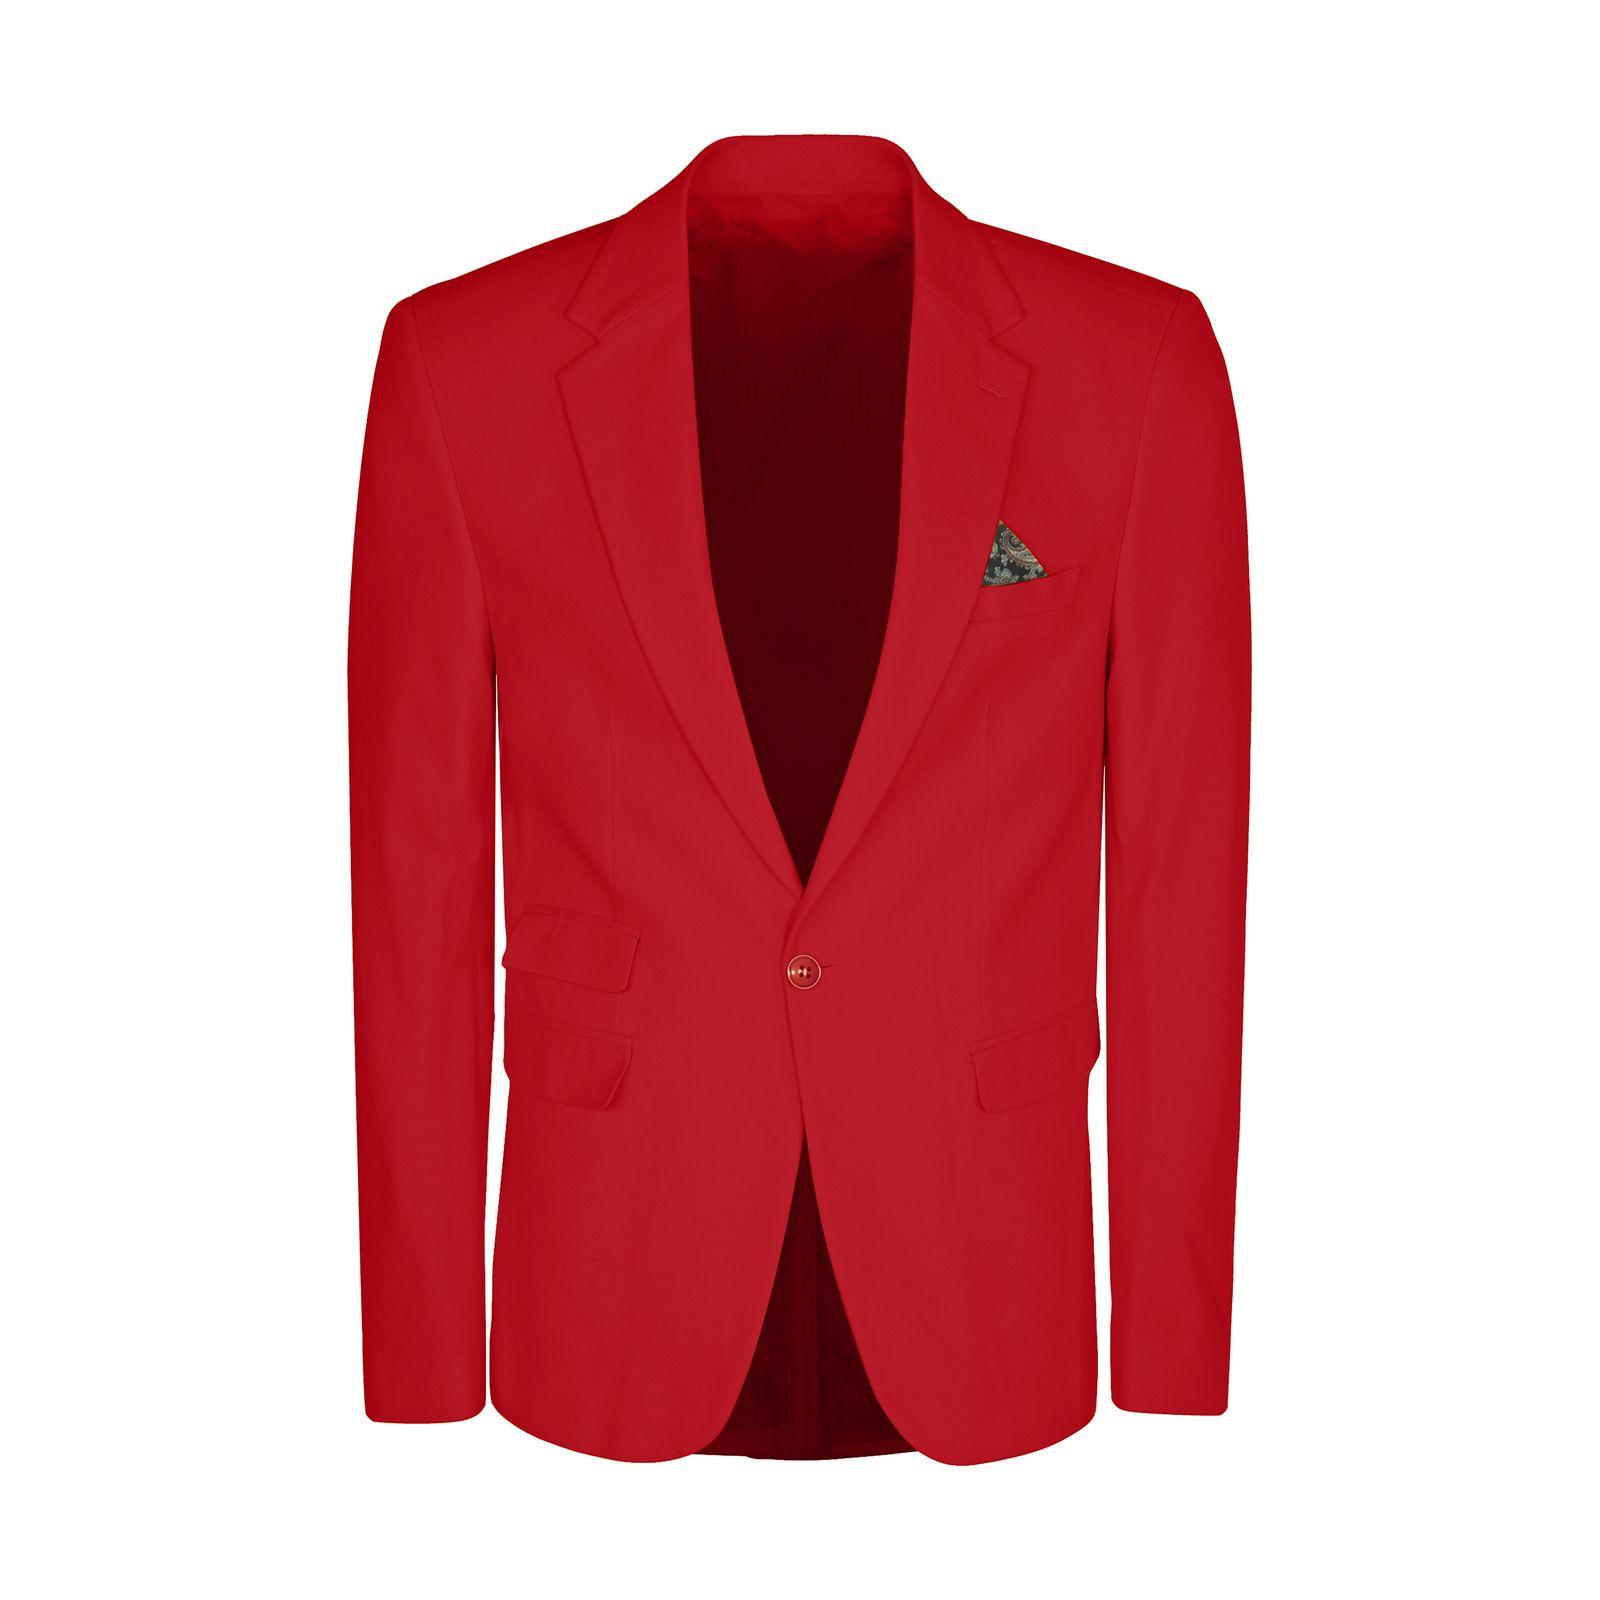 کت تک مردانه ان سی نو مدل جانسو رنگ قرمز -  - 4